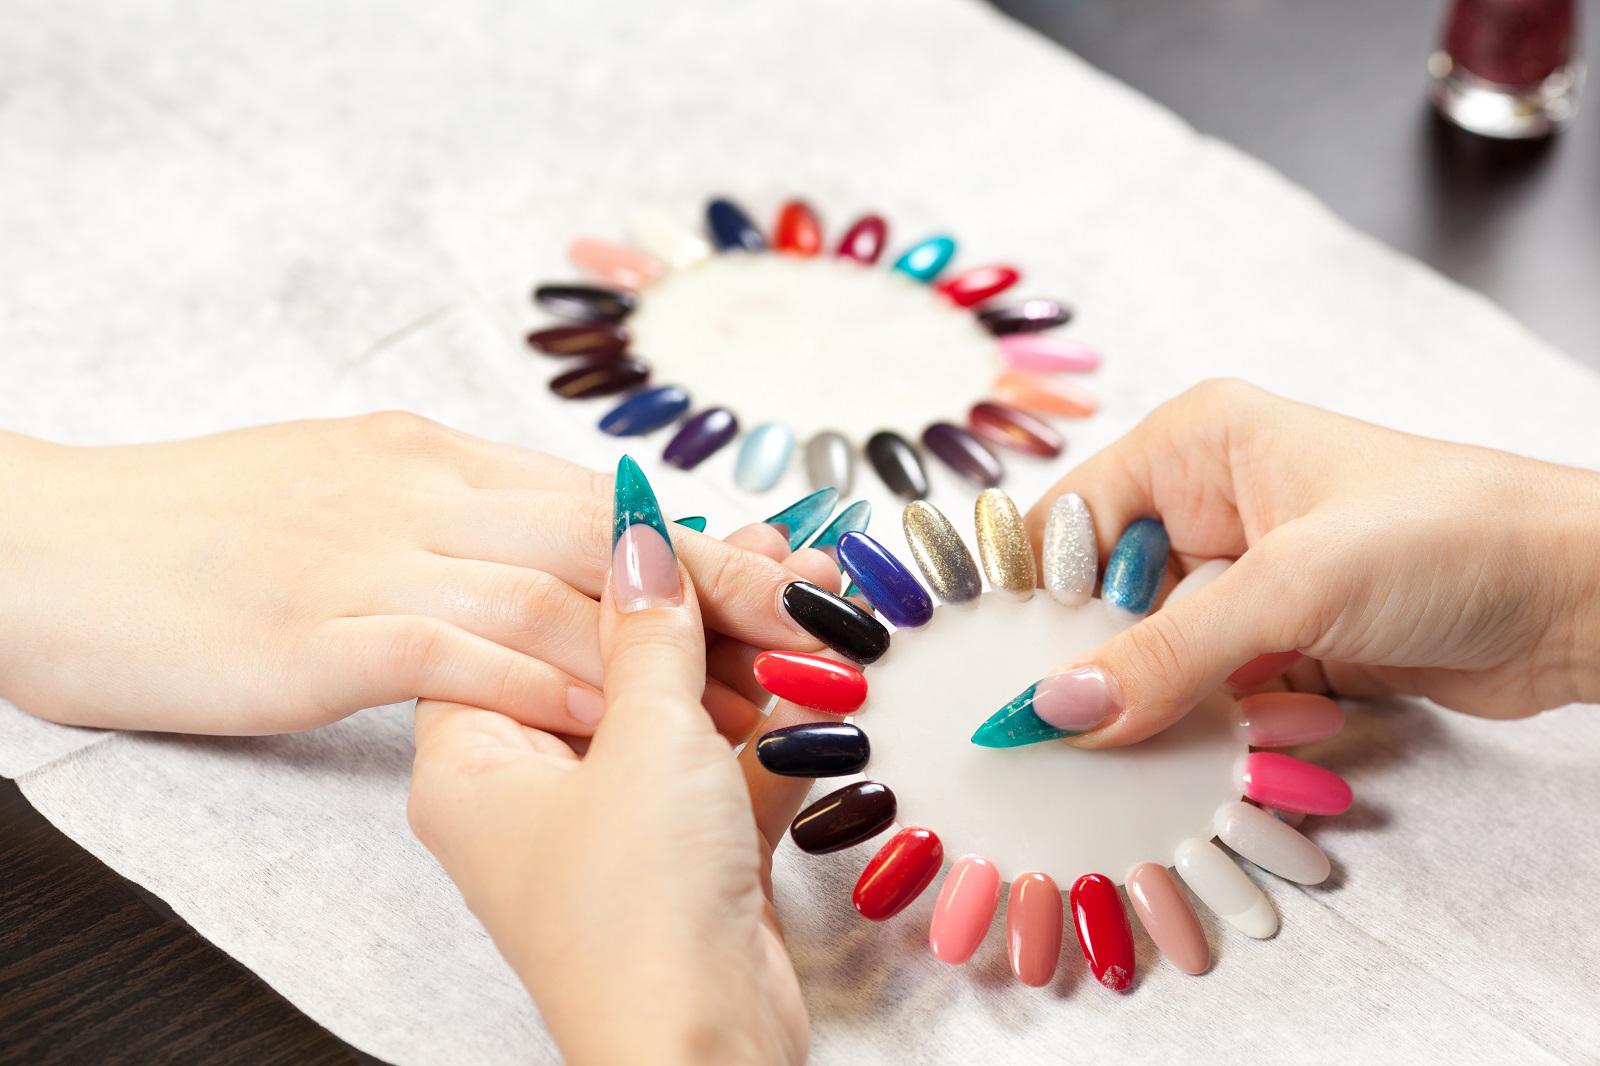 kleurenvoorbeeld acrylnagels